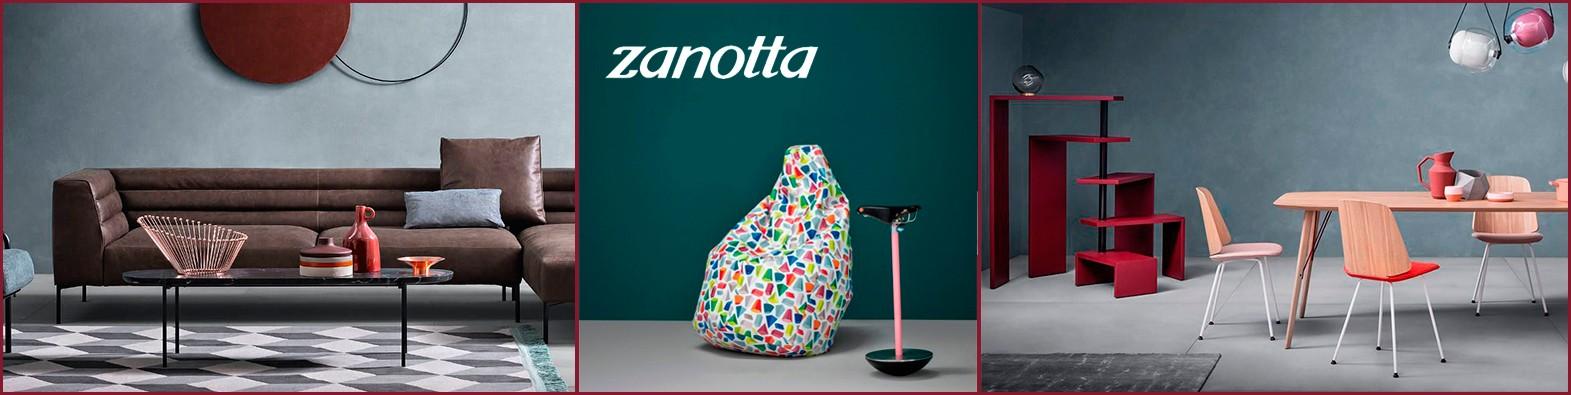 Zanotta, firma de mobiliario italiana con diseños elegantes y sofisticados para añadir a tu hogar.